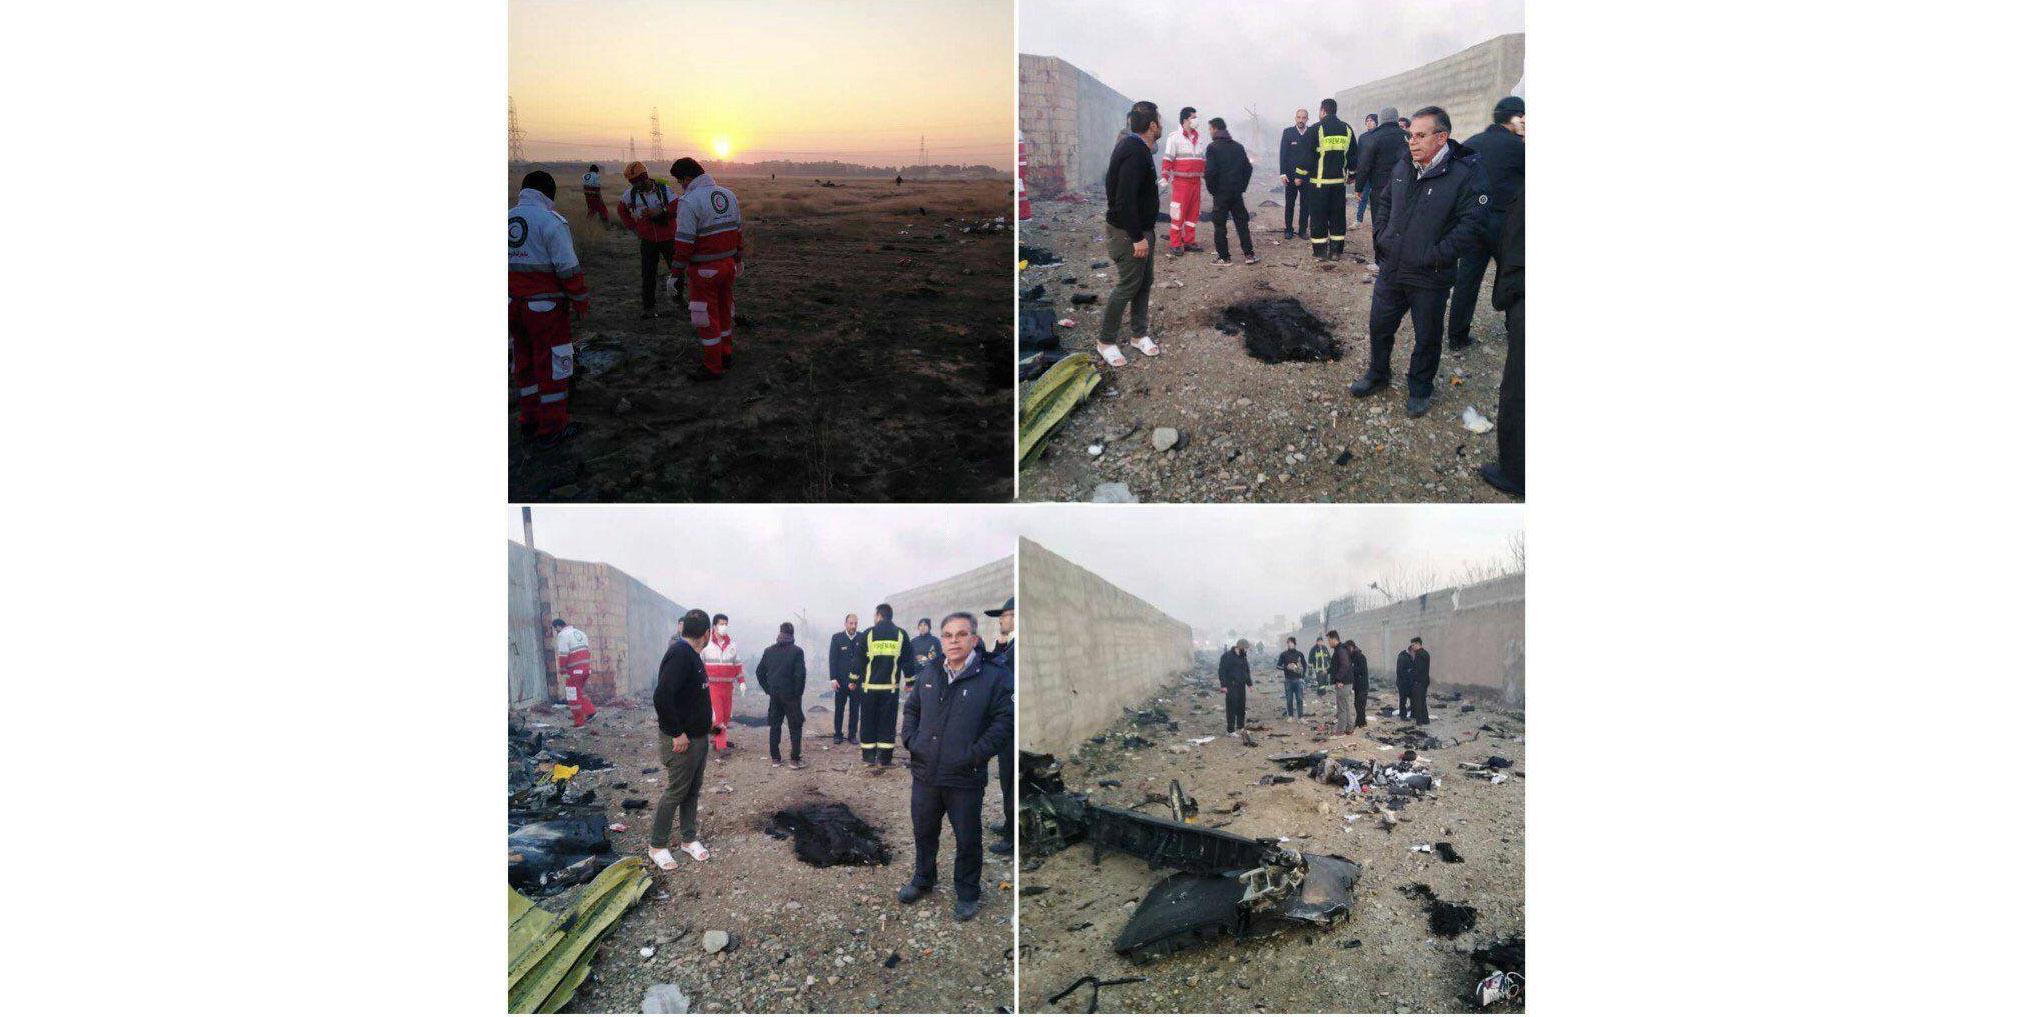 سقوط هواپیمای اوکراینی در نزدیکی فرودگاه امام تهران - پرندک